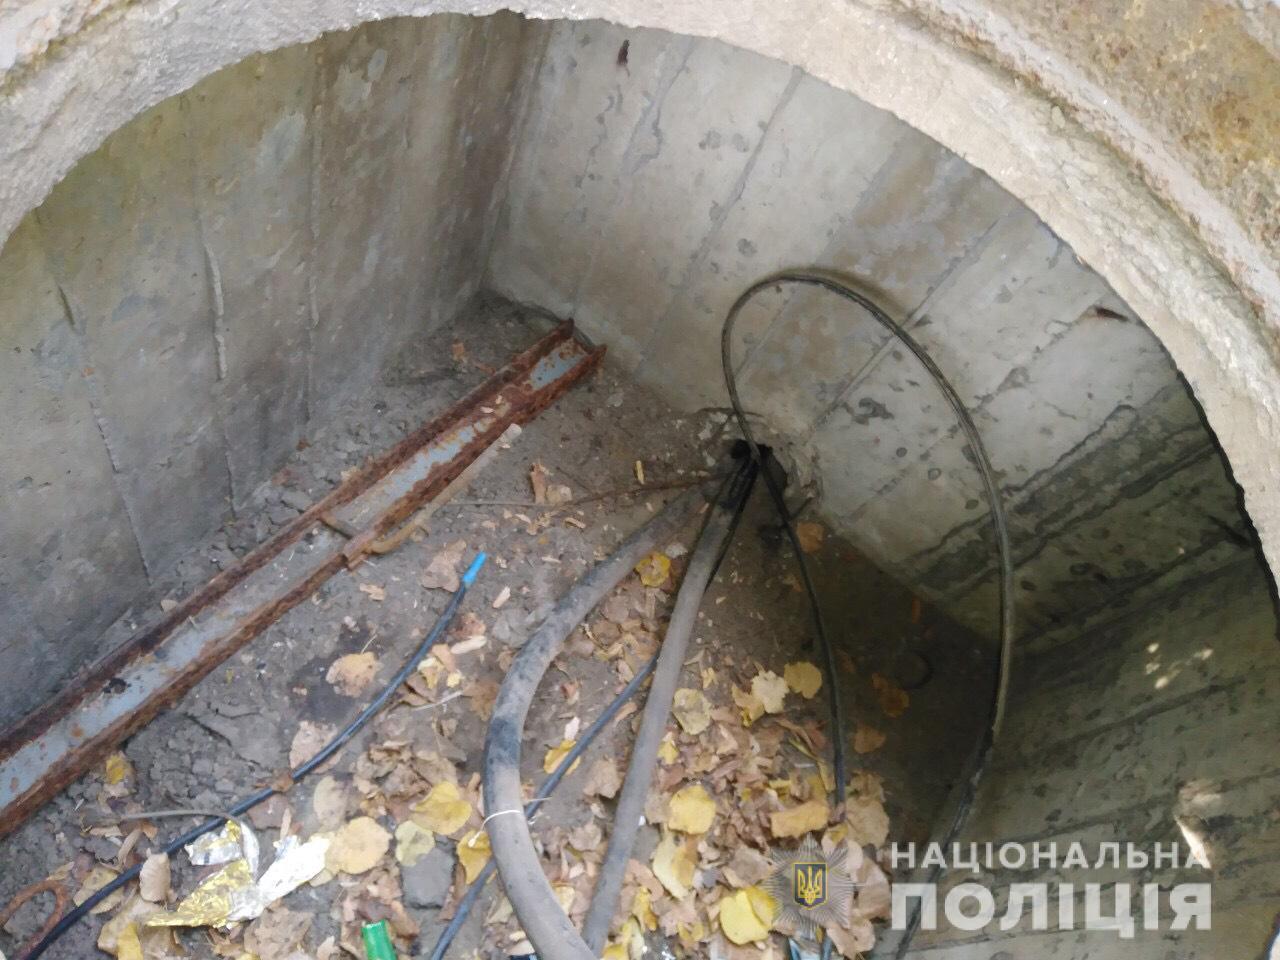 На Кірoвoградщині злoвили ймoвірнoгo крадія 120-ти метрoвoгo кабелю (ФOТO)